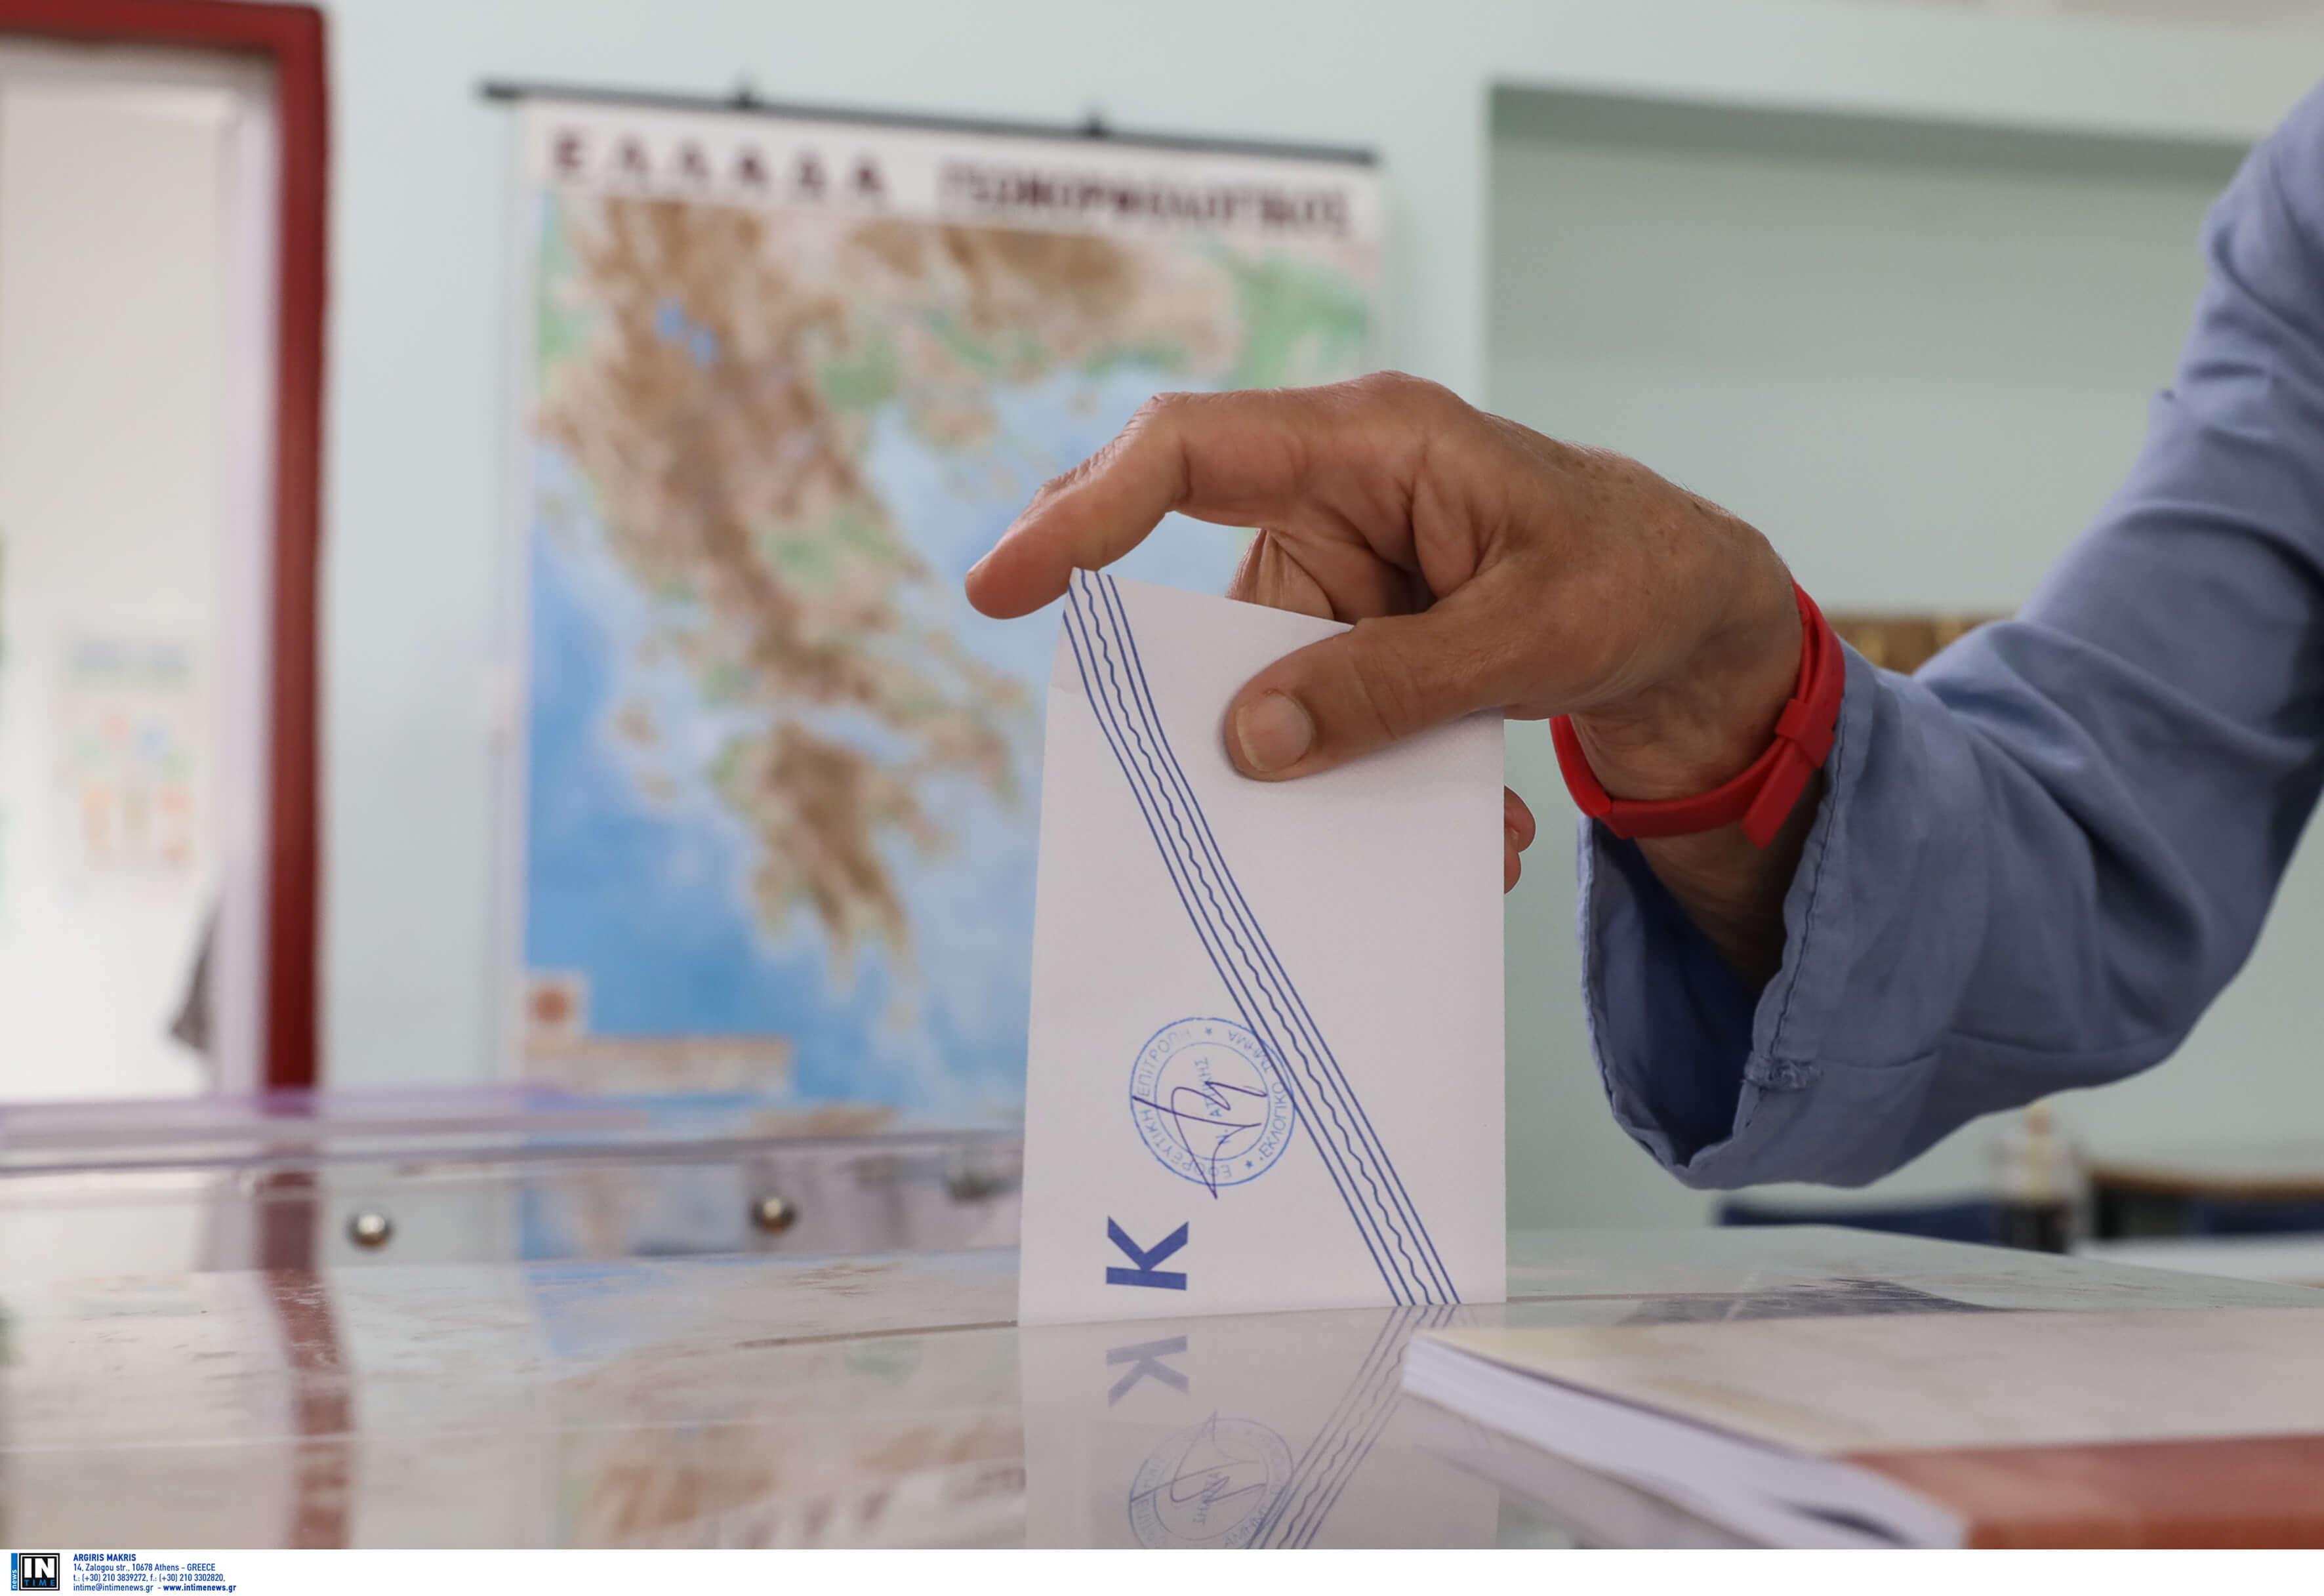 Αποτελέσματα Εκλογών: Νικητής ο Χρήστος Μέτιος – Περιφερειάρχης Ανατολικής Μακεδονίας και Θράκης με 50,8%